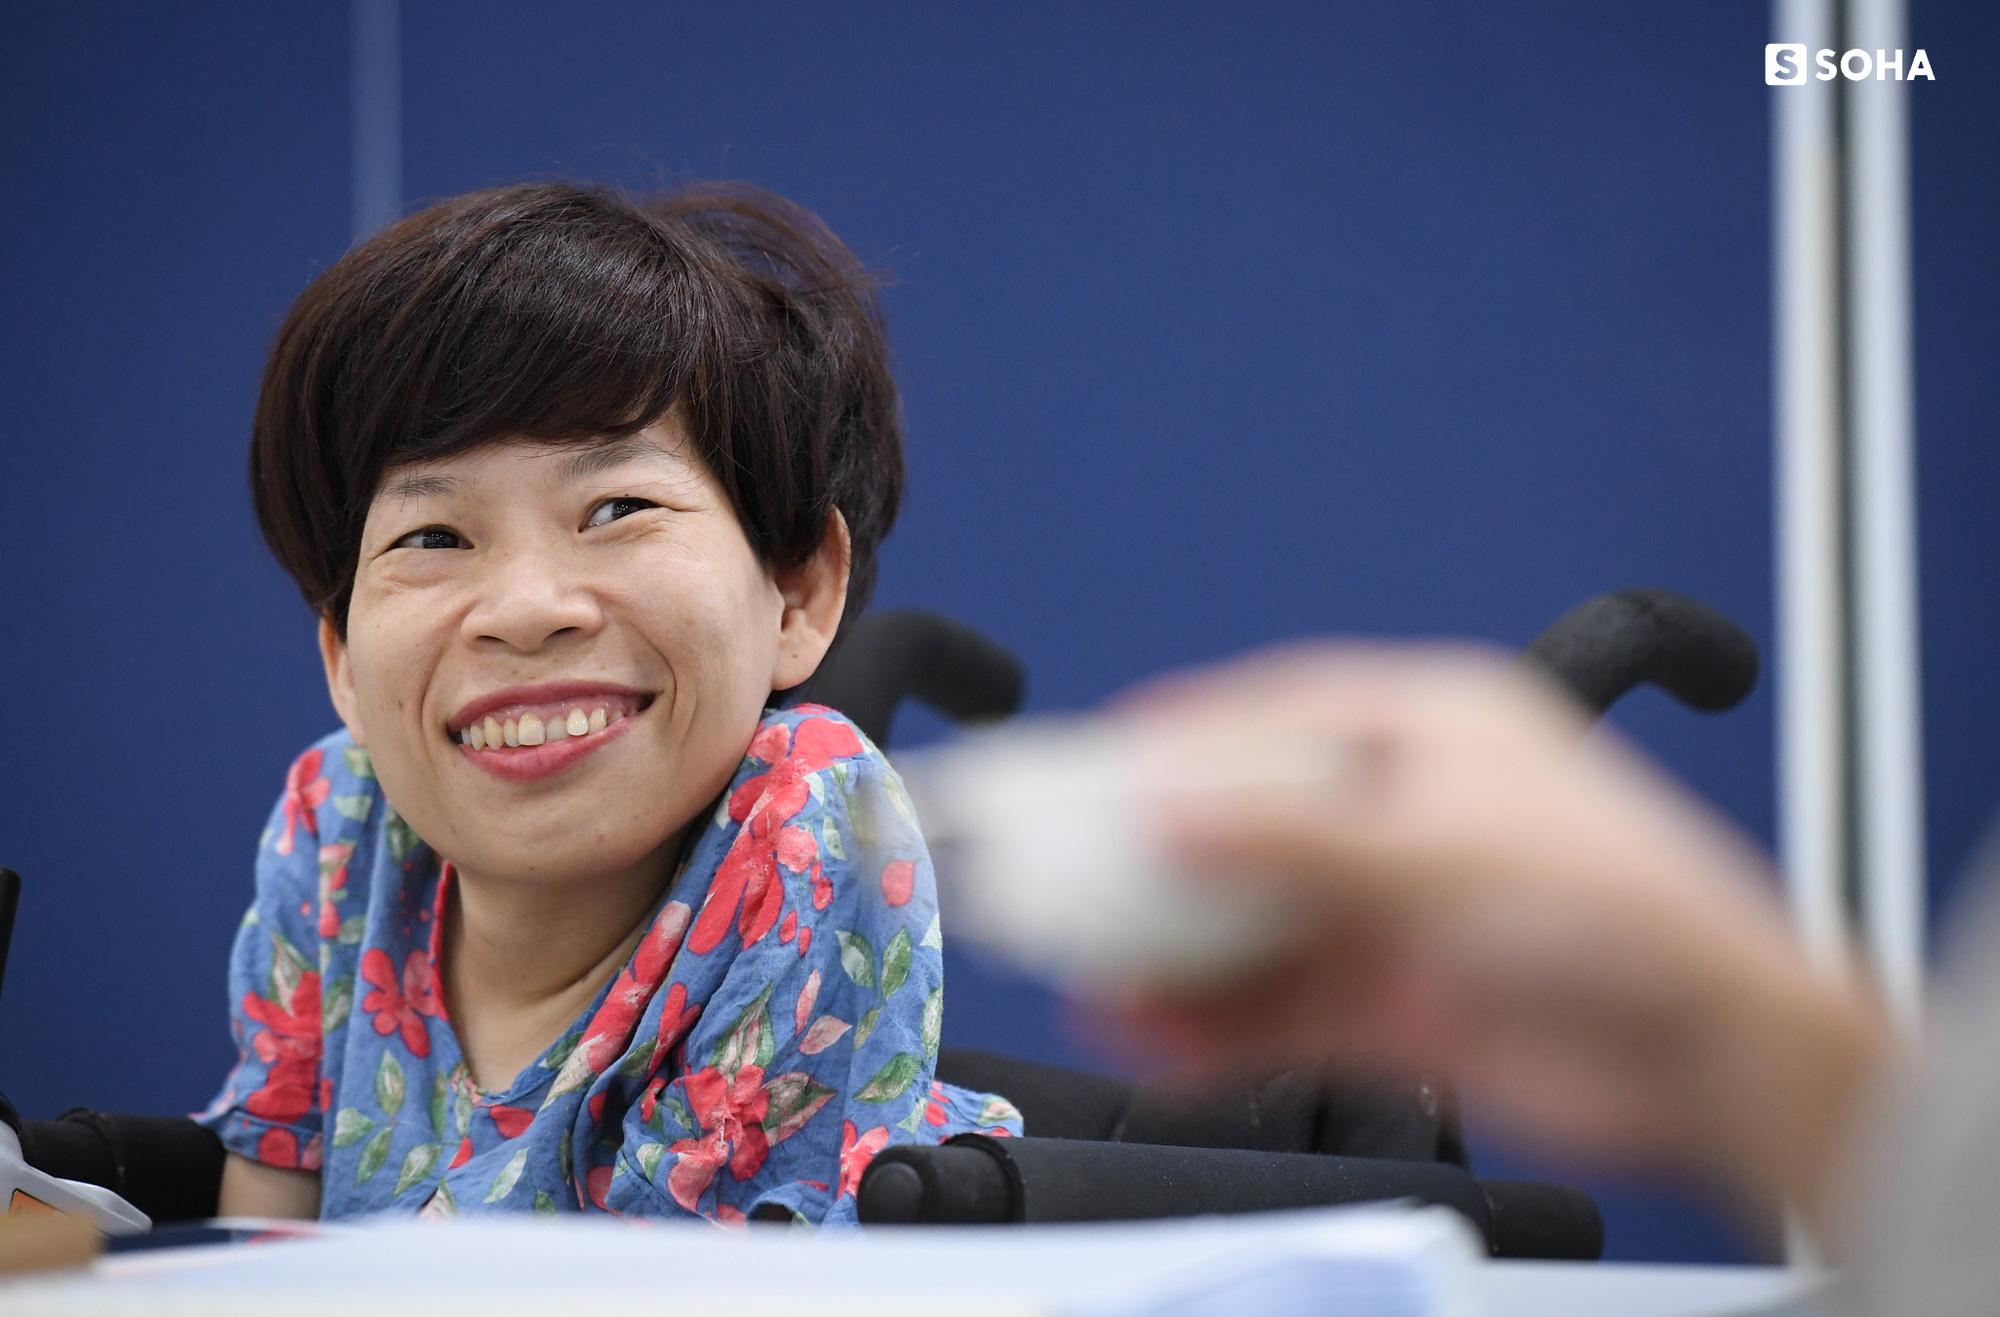 [Bí mật phòng Sếp] Nữ Chủ tịch nặng 20kg, ngồi xe lăn điều hành doanh nghiệp gần 100 người - Ảnh 1.